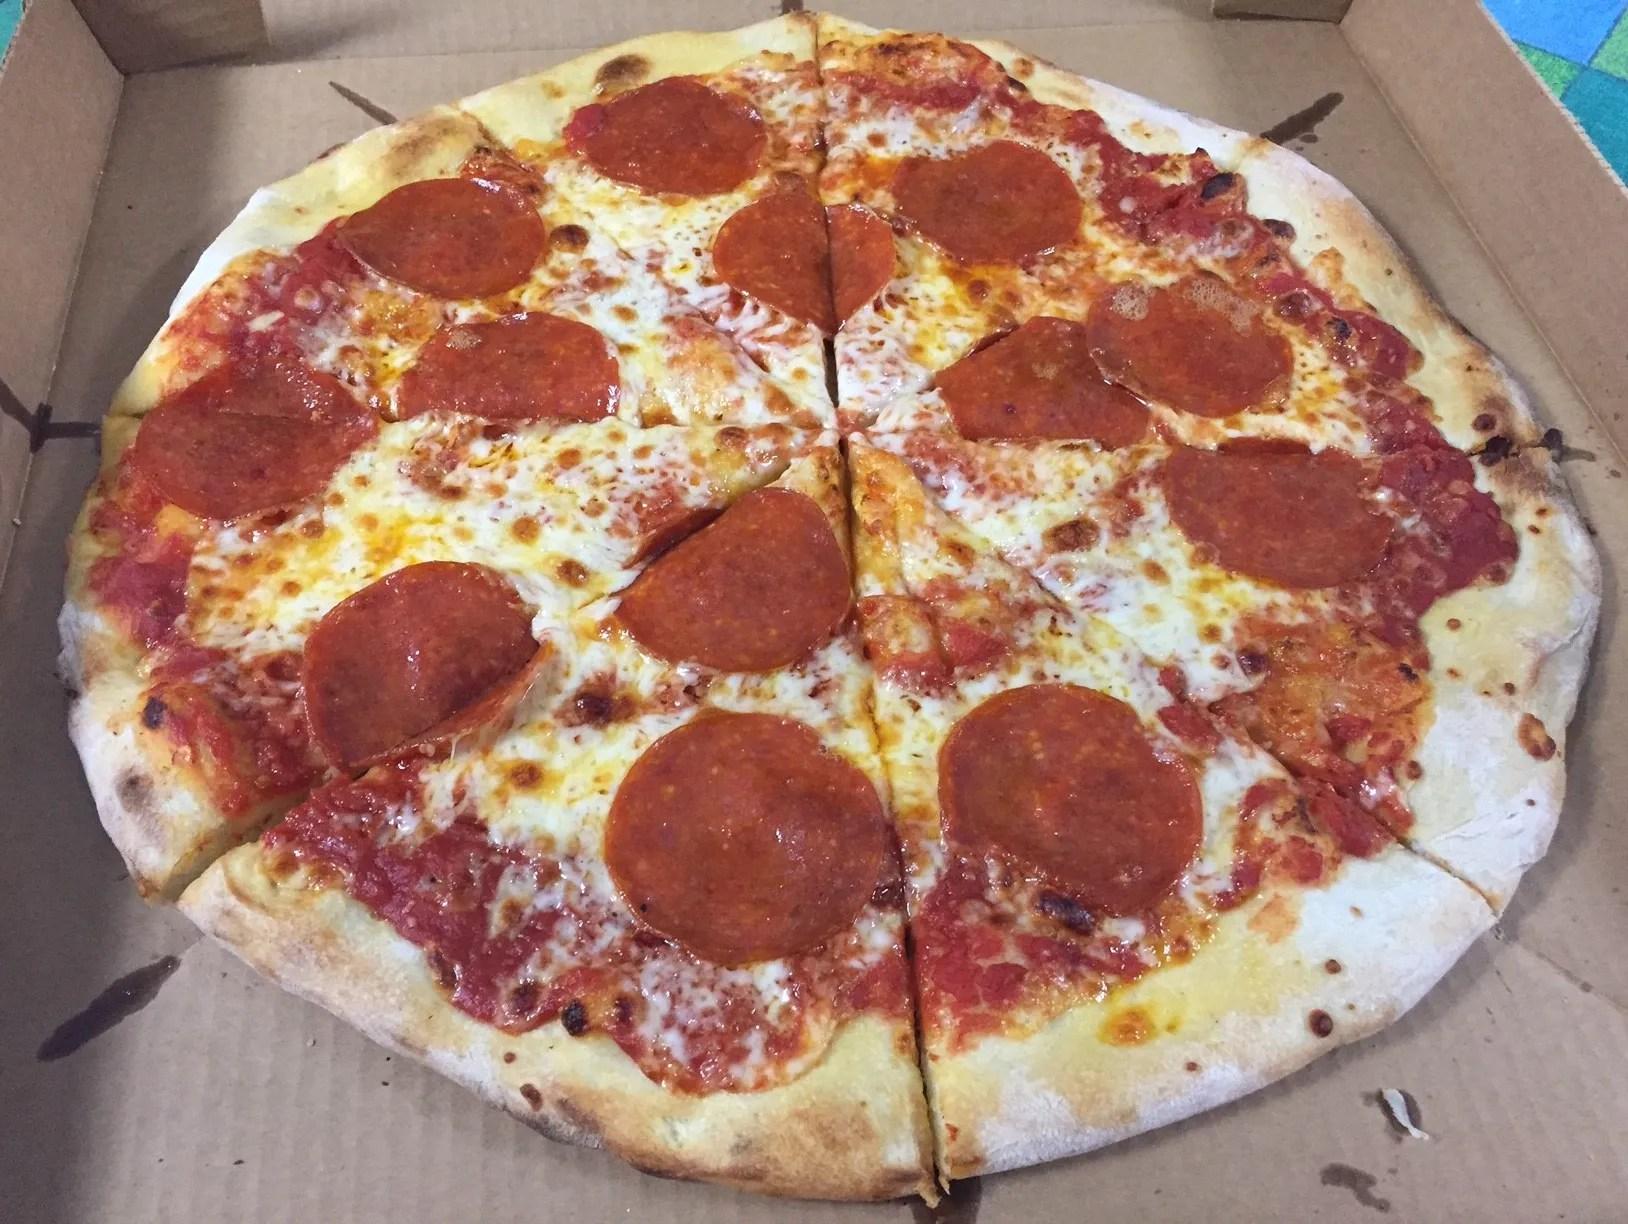 A cheesy pizza night delights in Monticello